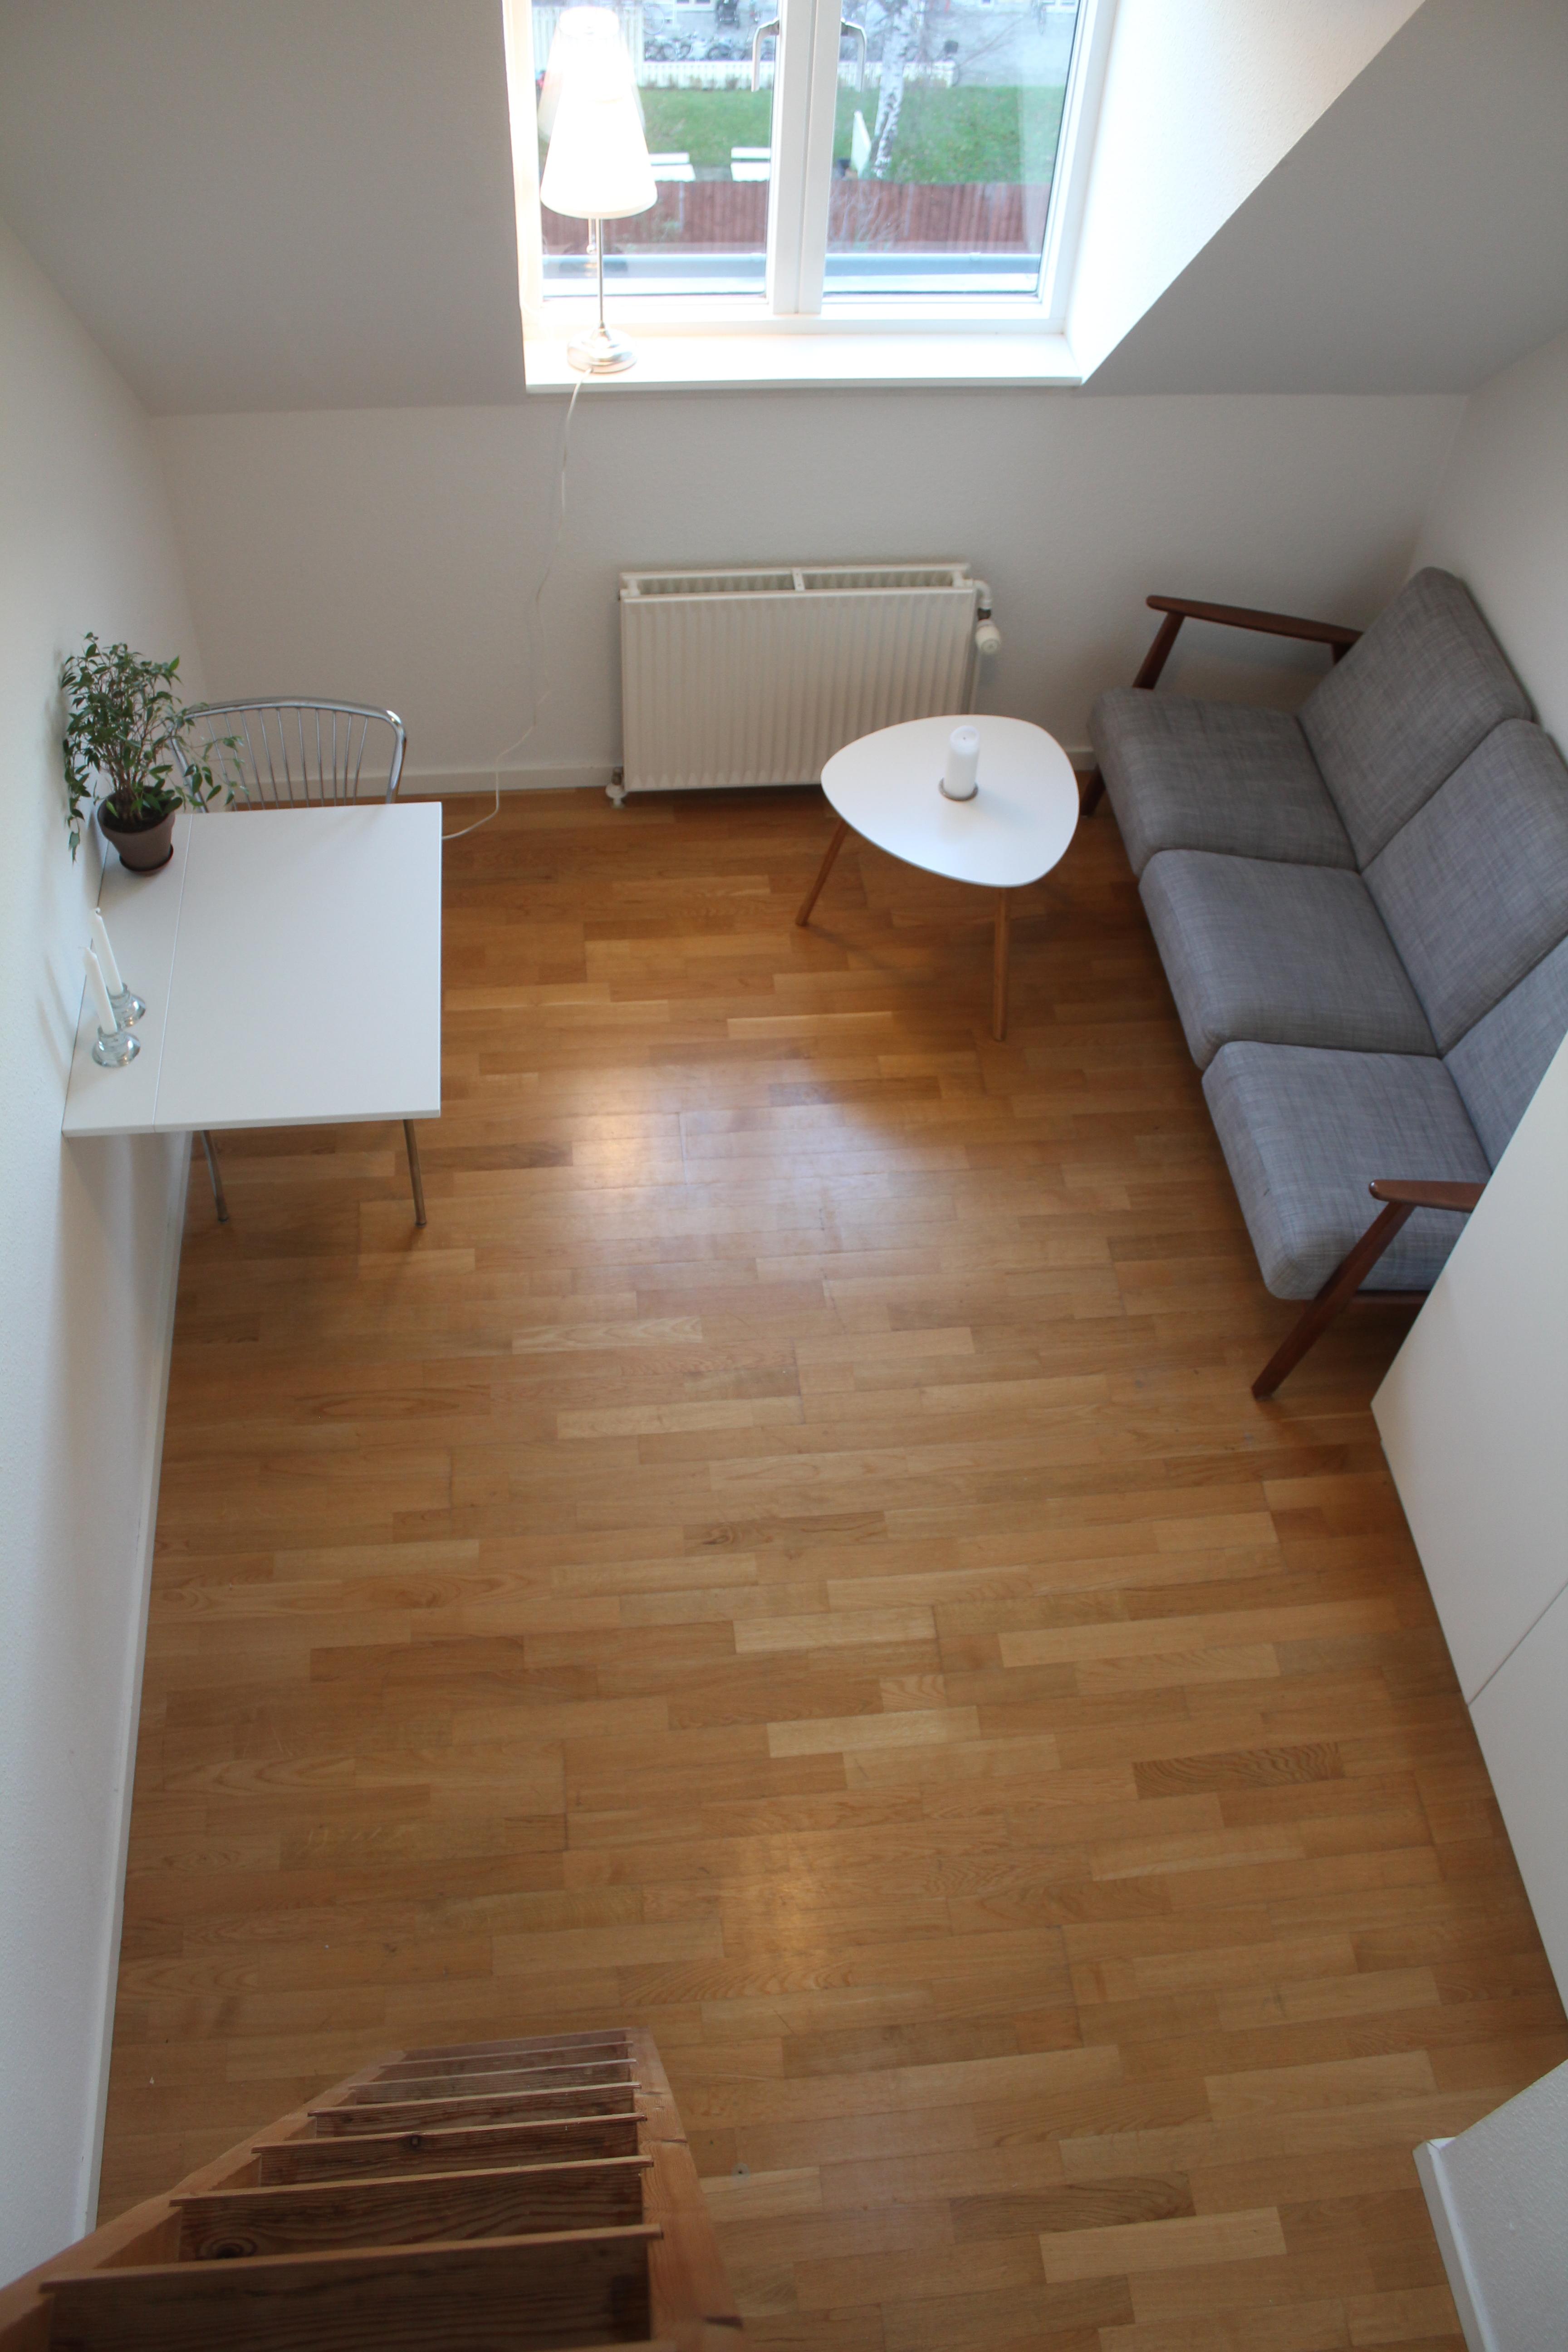 Udlejer hyggeligt værelse i København NV, 10 min. fra indre by